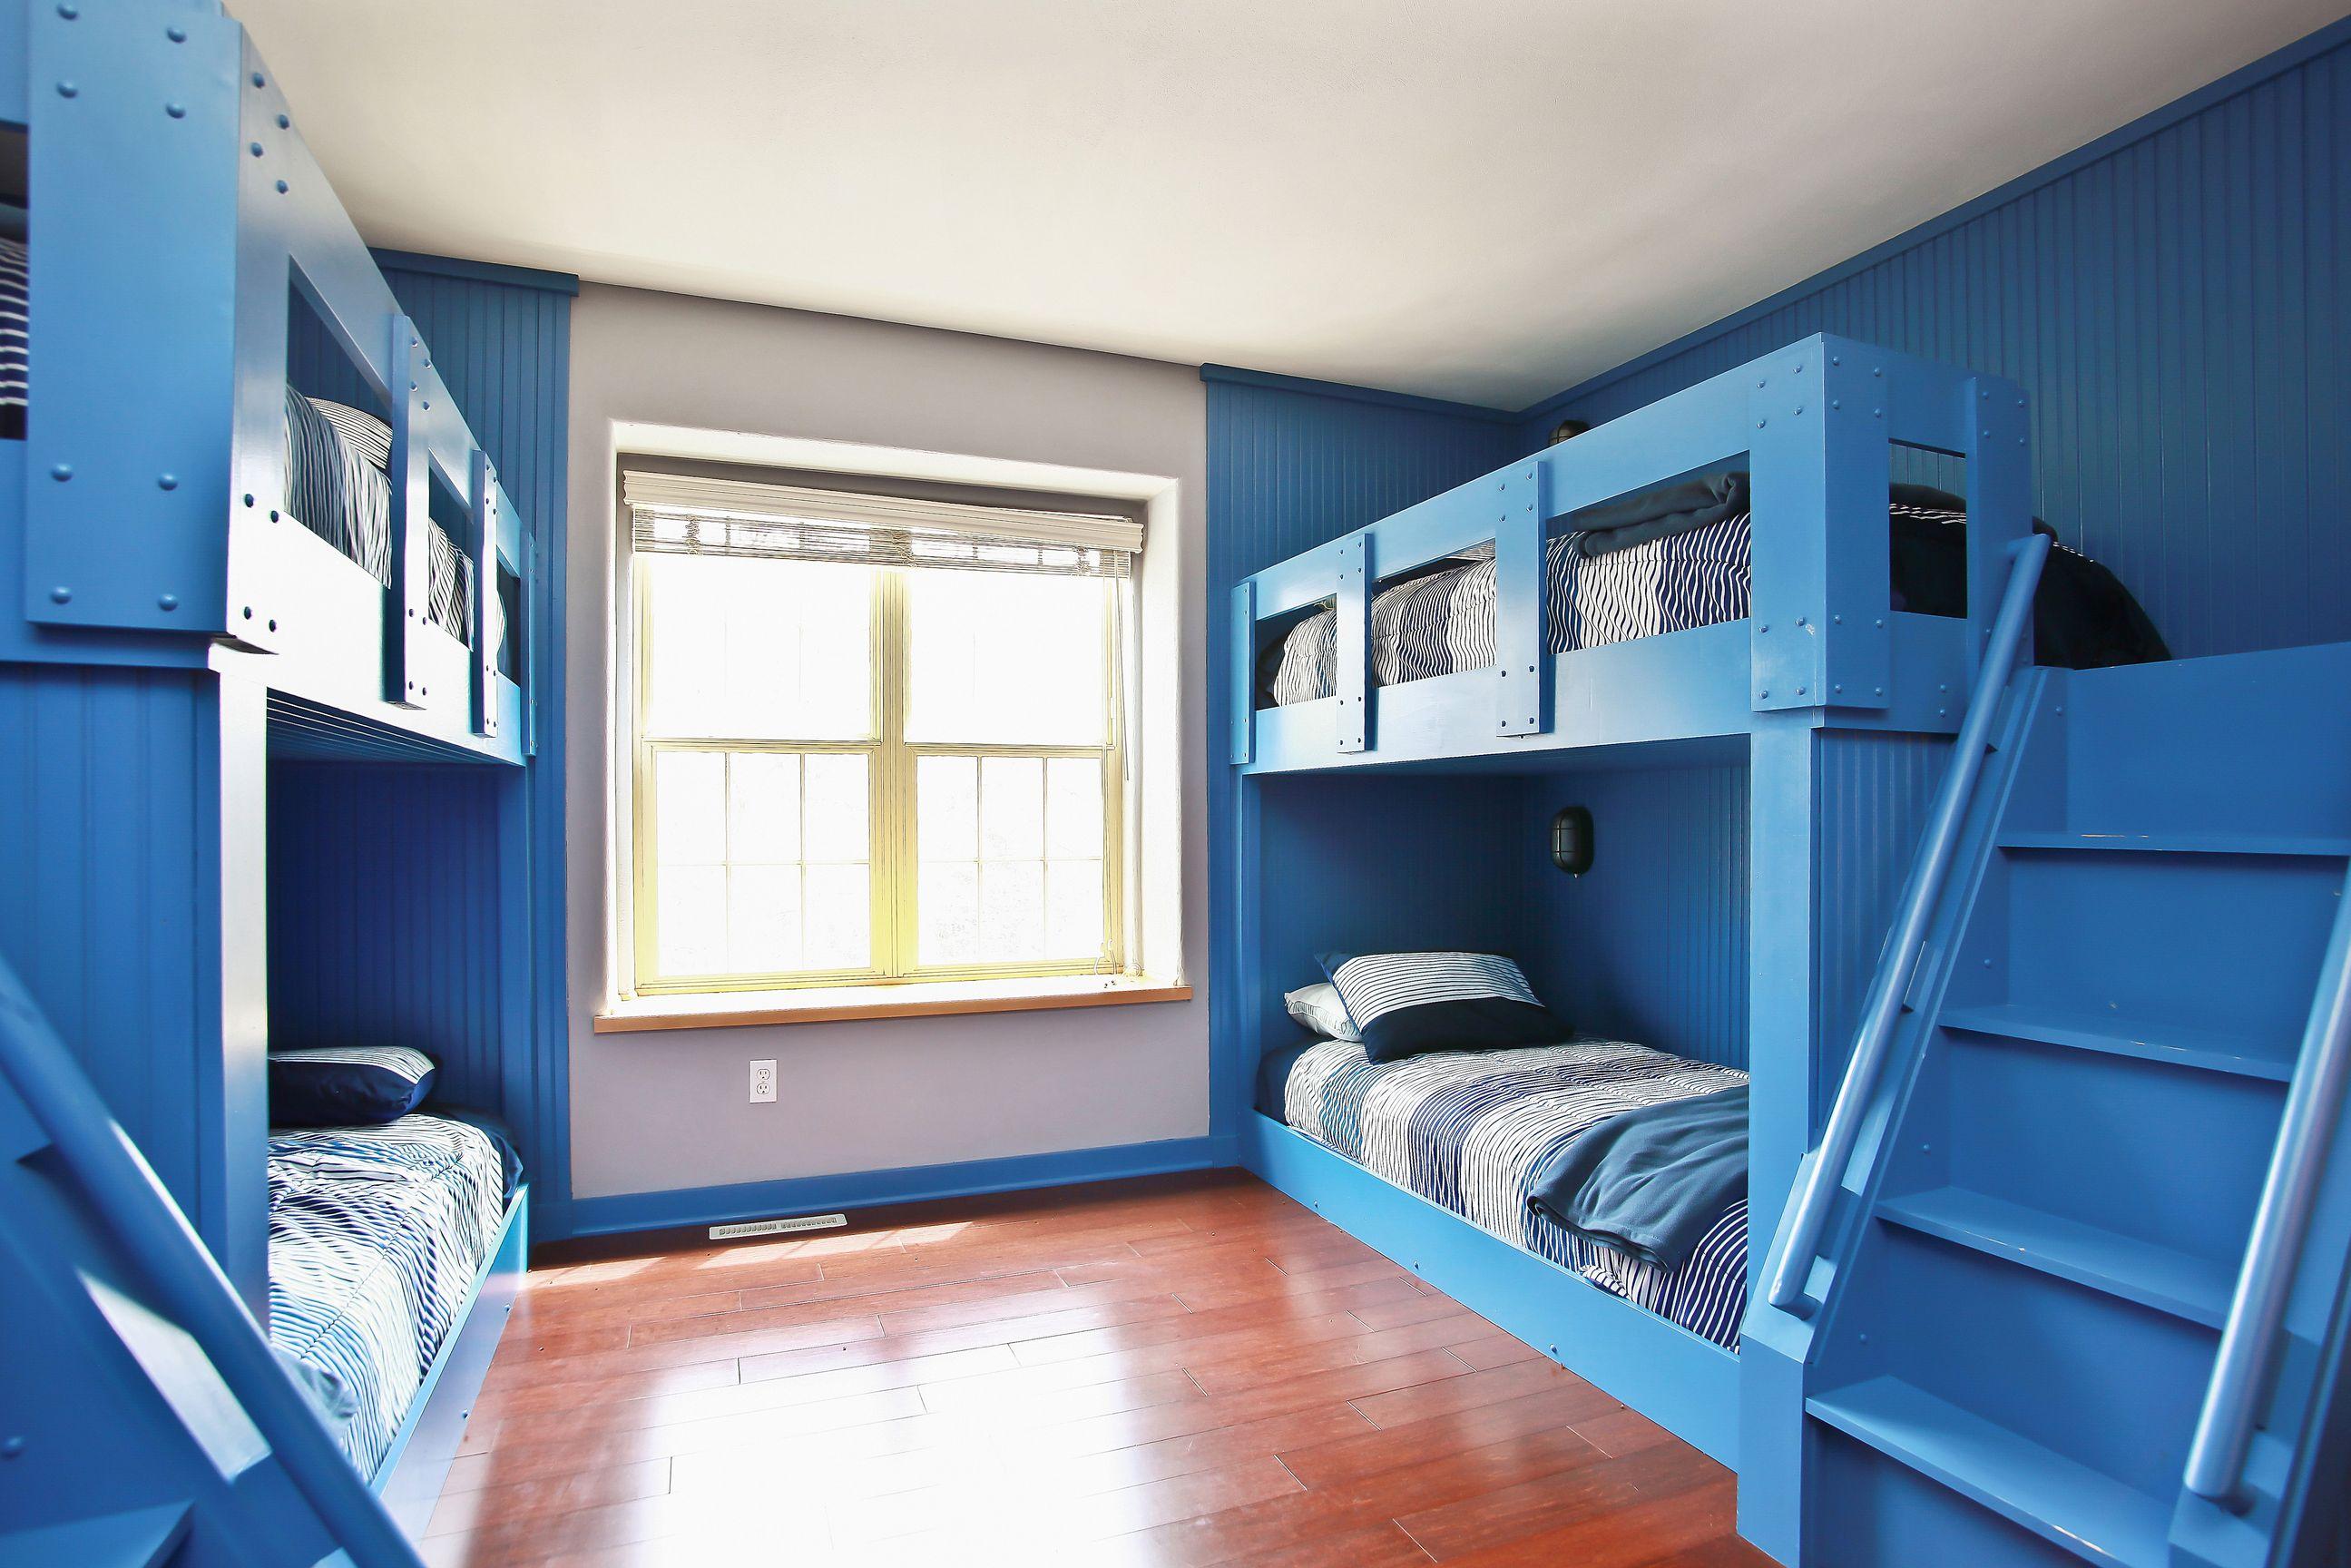 15_W5619WestshoreDrive_18_Bedroom_HiRes.jpg